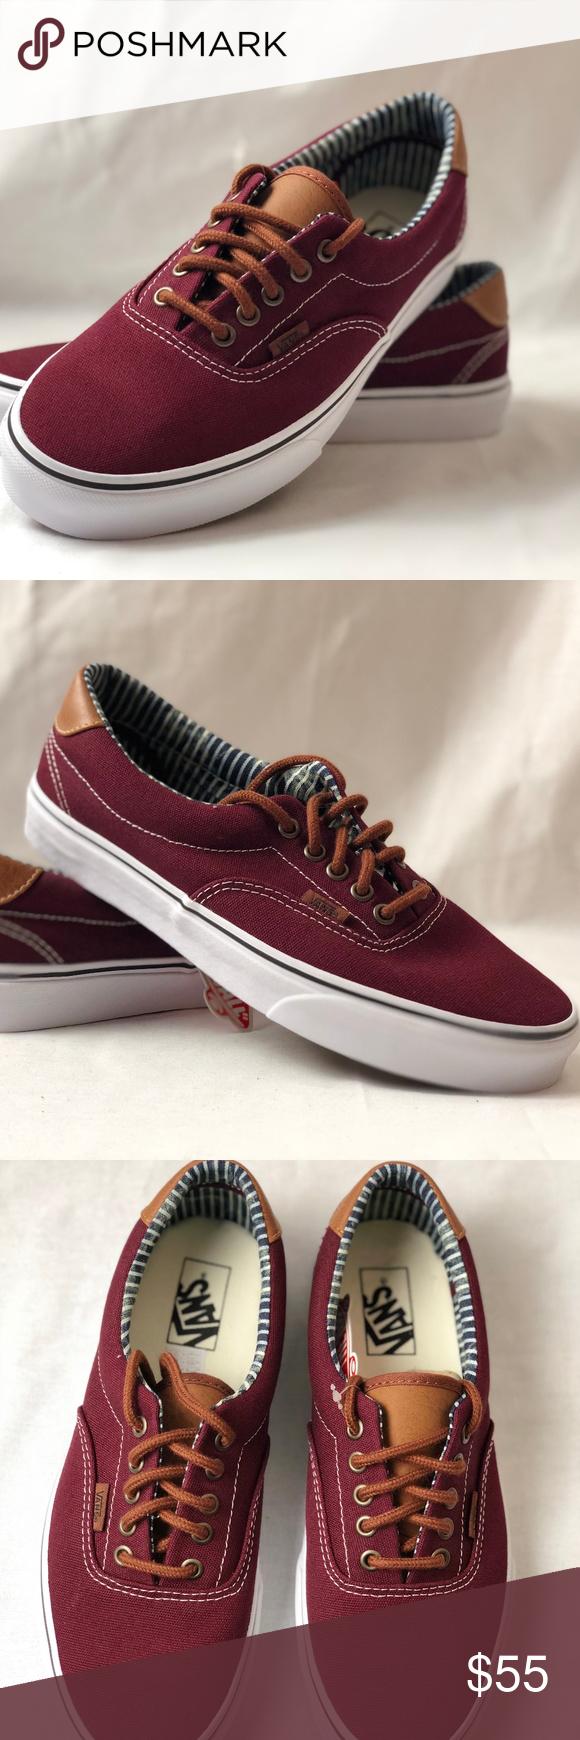 d8a78ccbf2 Vans Unisex Era 59 C L Port Royale Stripe Denim Skate Shoes. Condition  New  with Box. Size  Women s 10.5